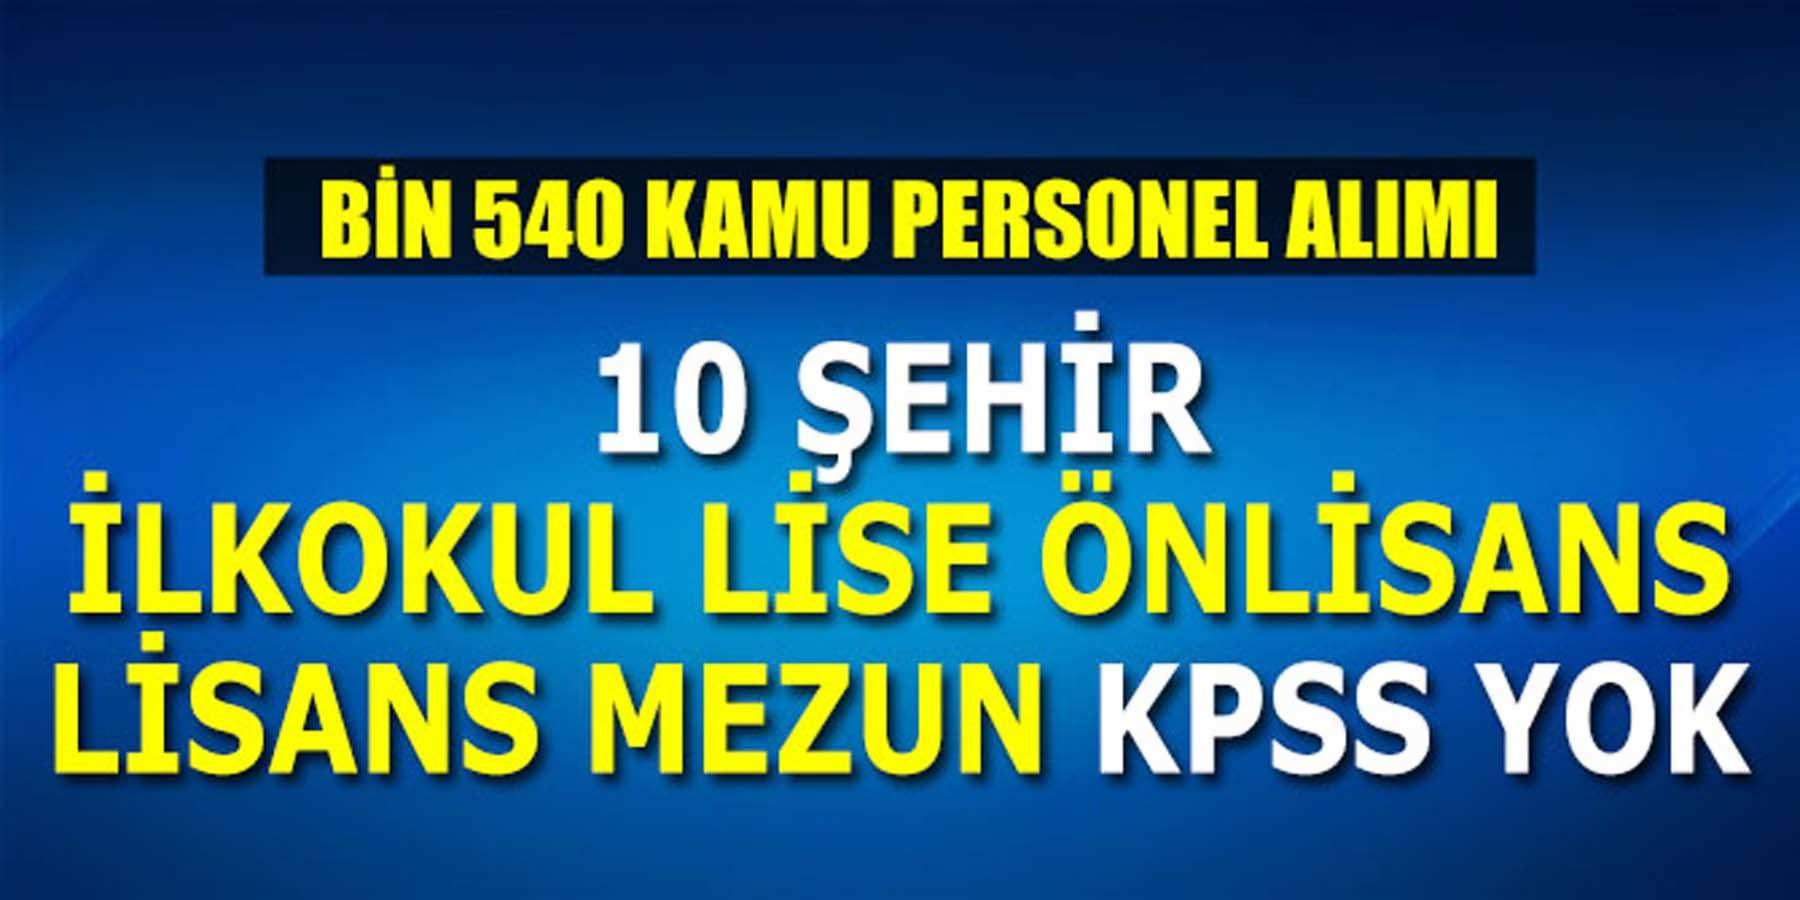 10 Şehir KPSS'Siz Bin 540 Kamu Personeli Alımı